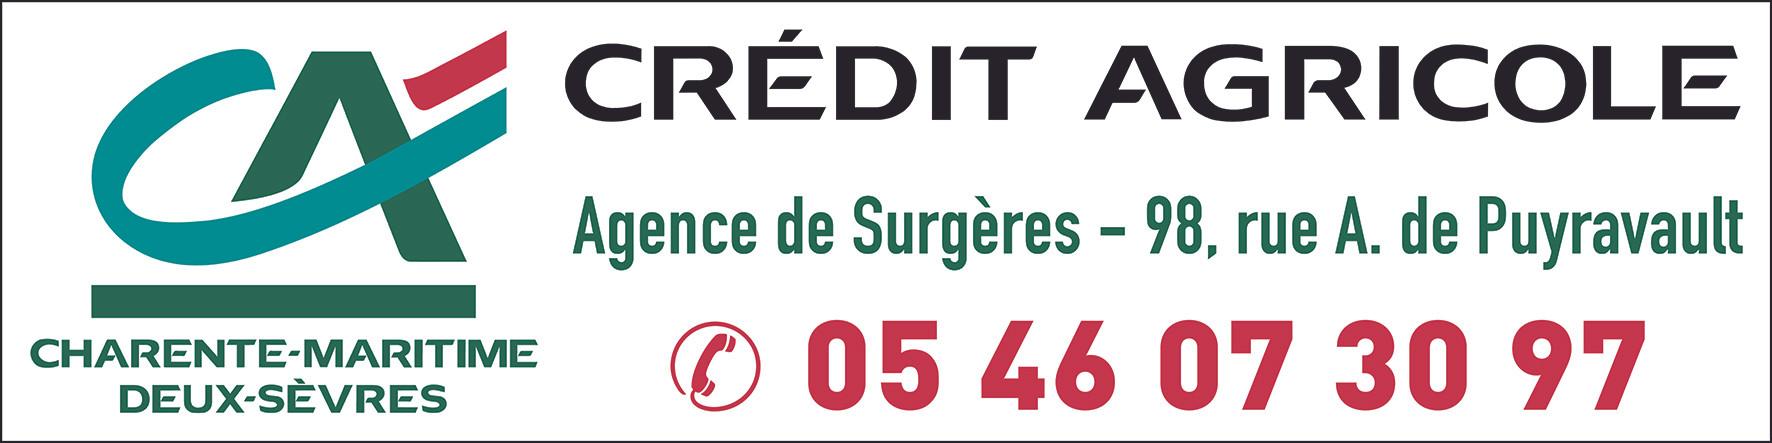 30-Crédit_Agricole.jpg